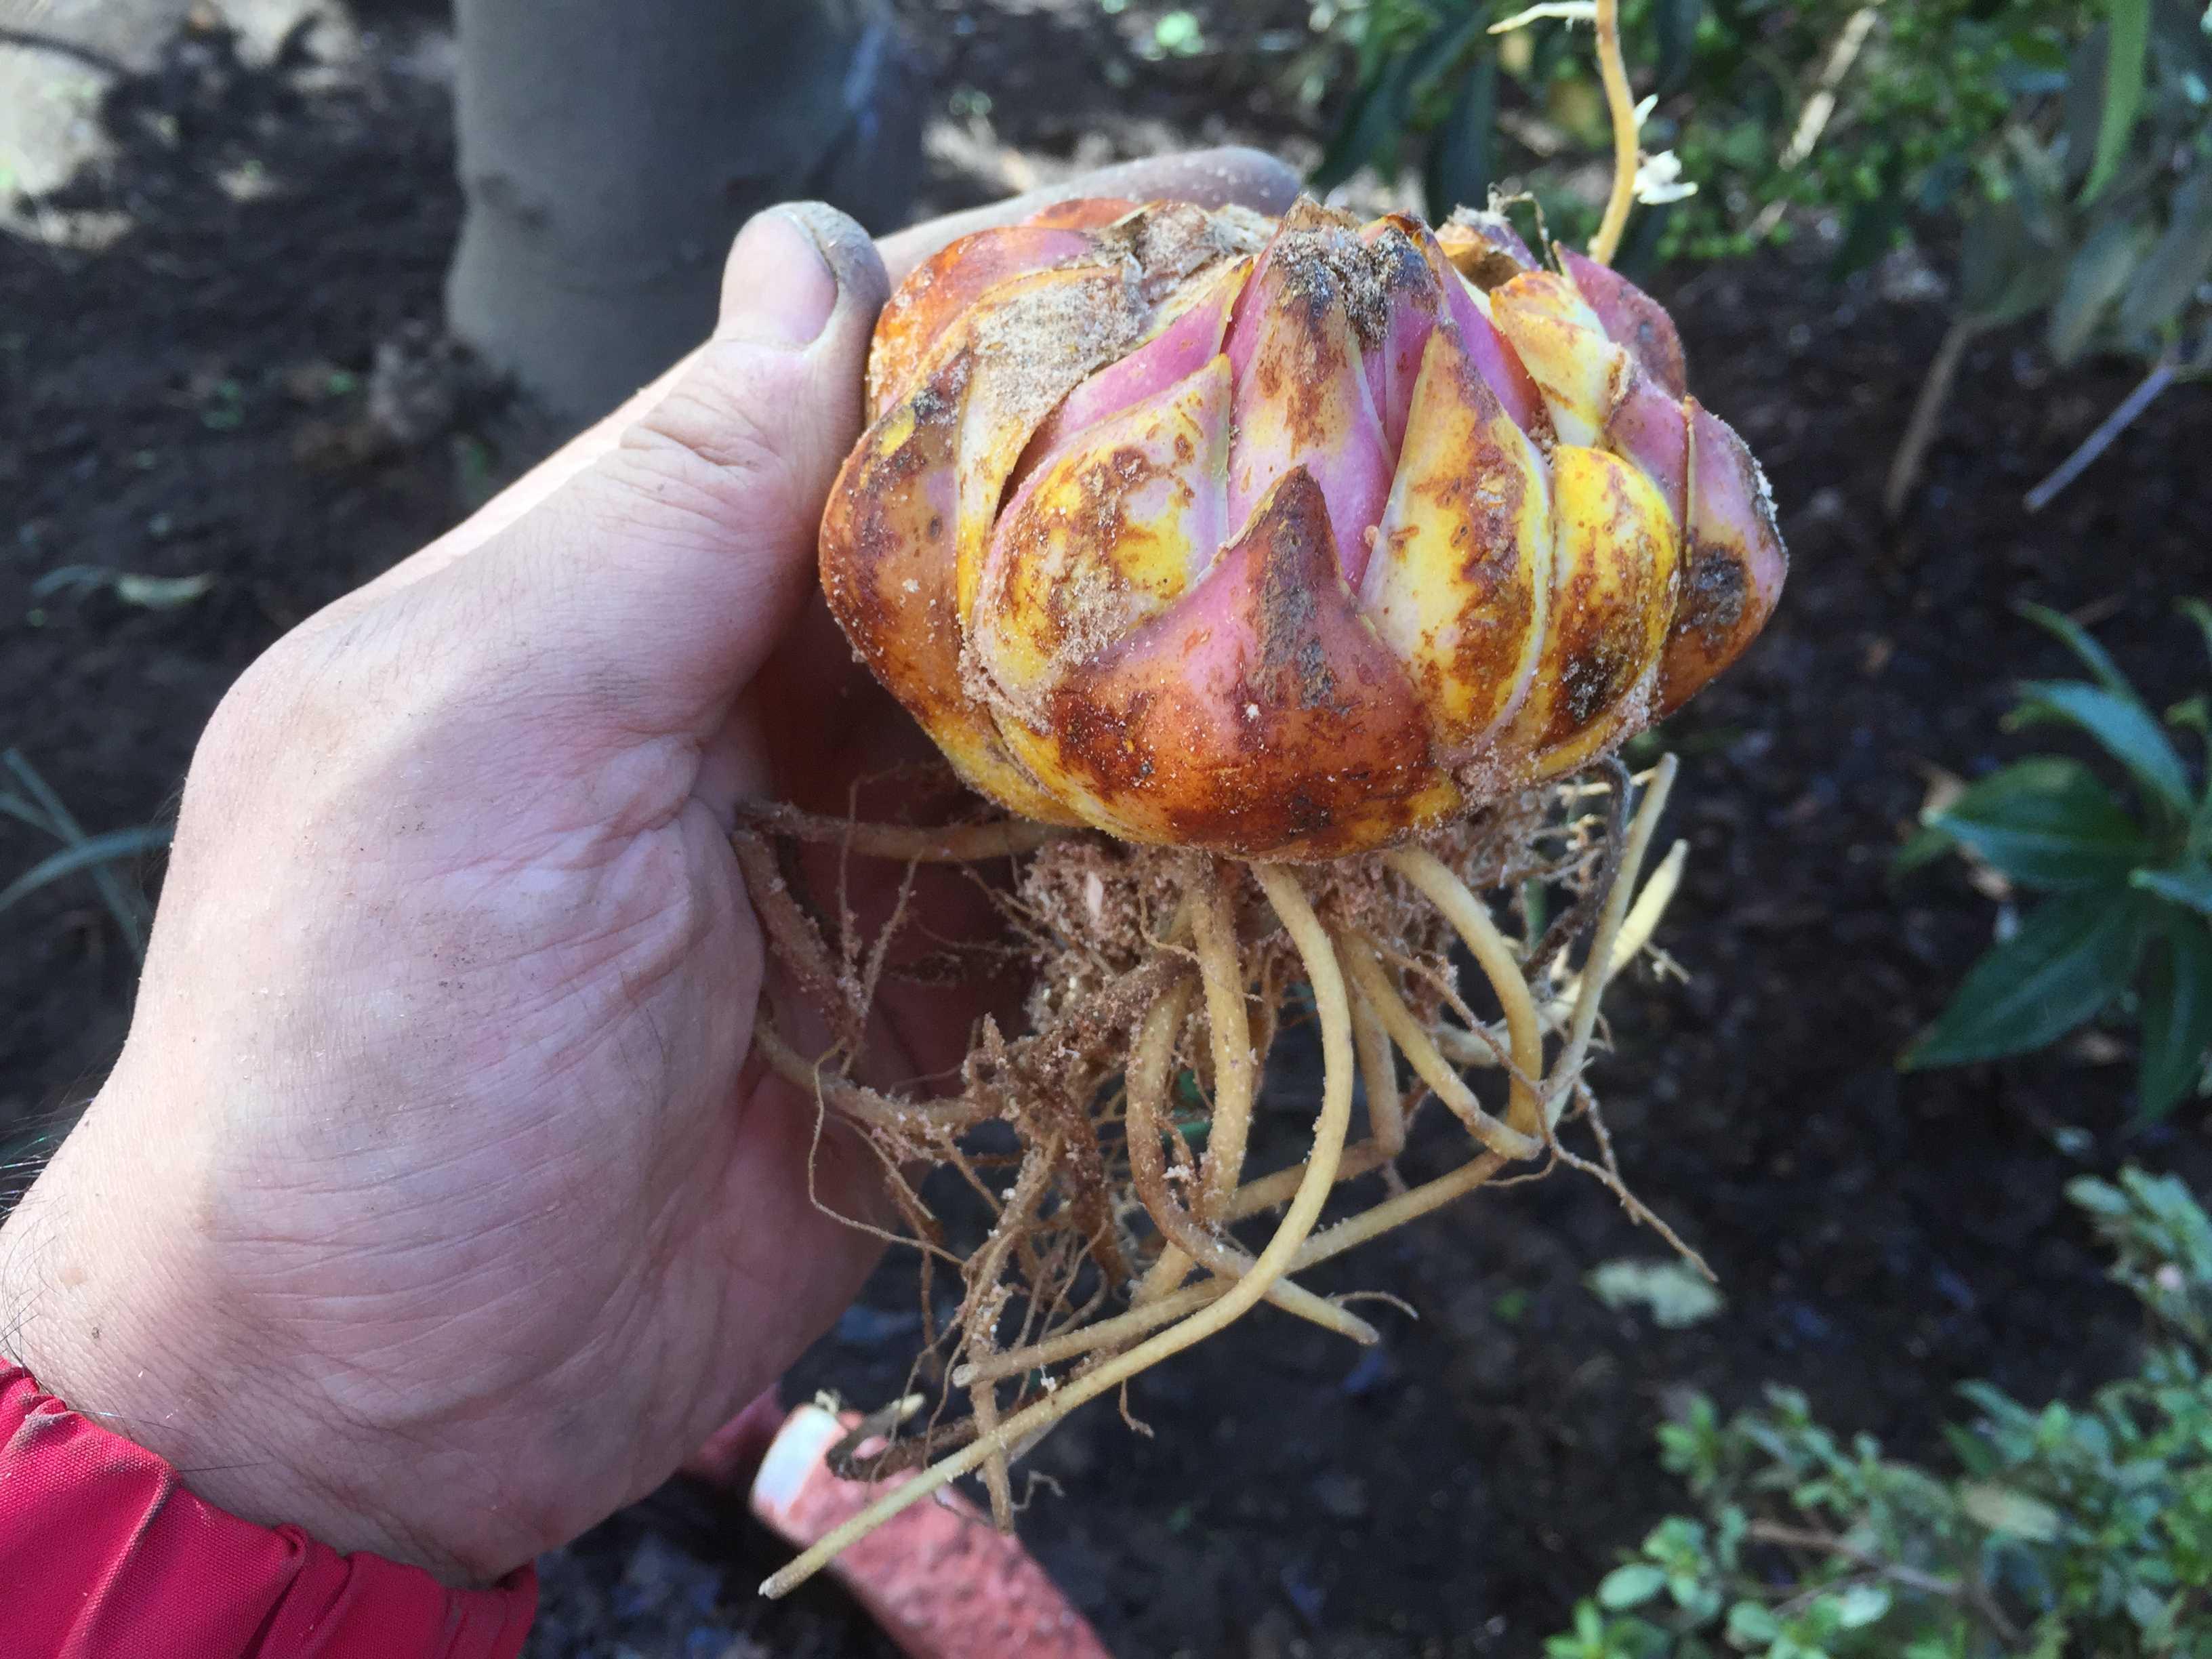 ヤマユリの球根を大量植え付け、庭が「ヤマユリ群生地」に